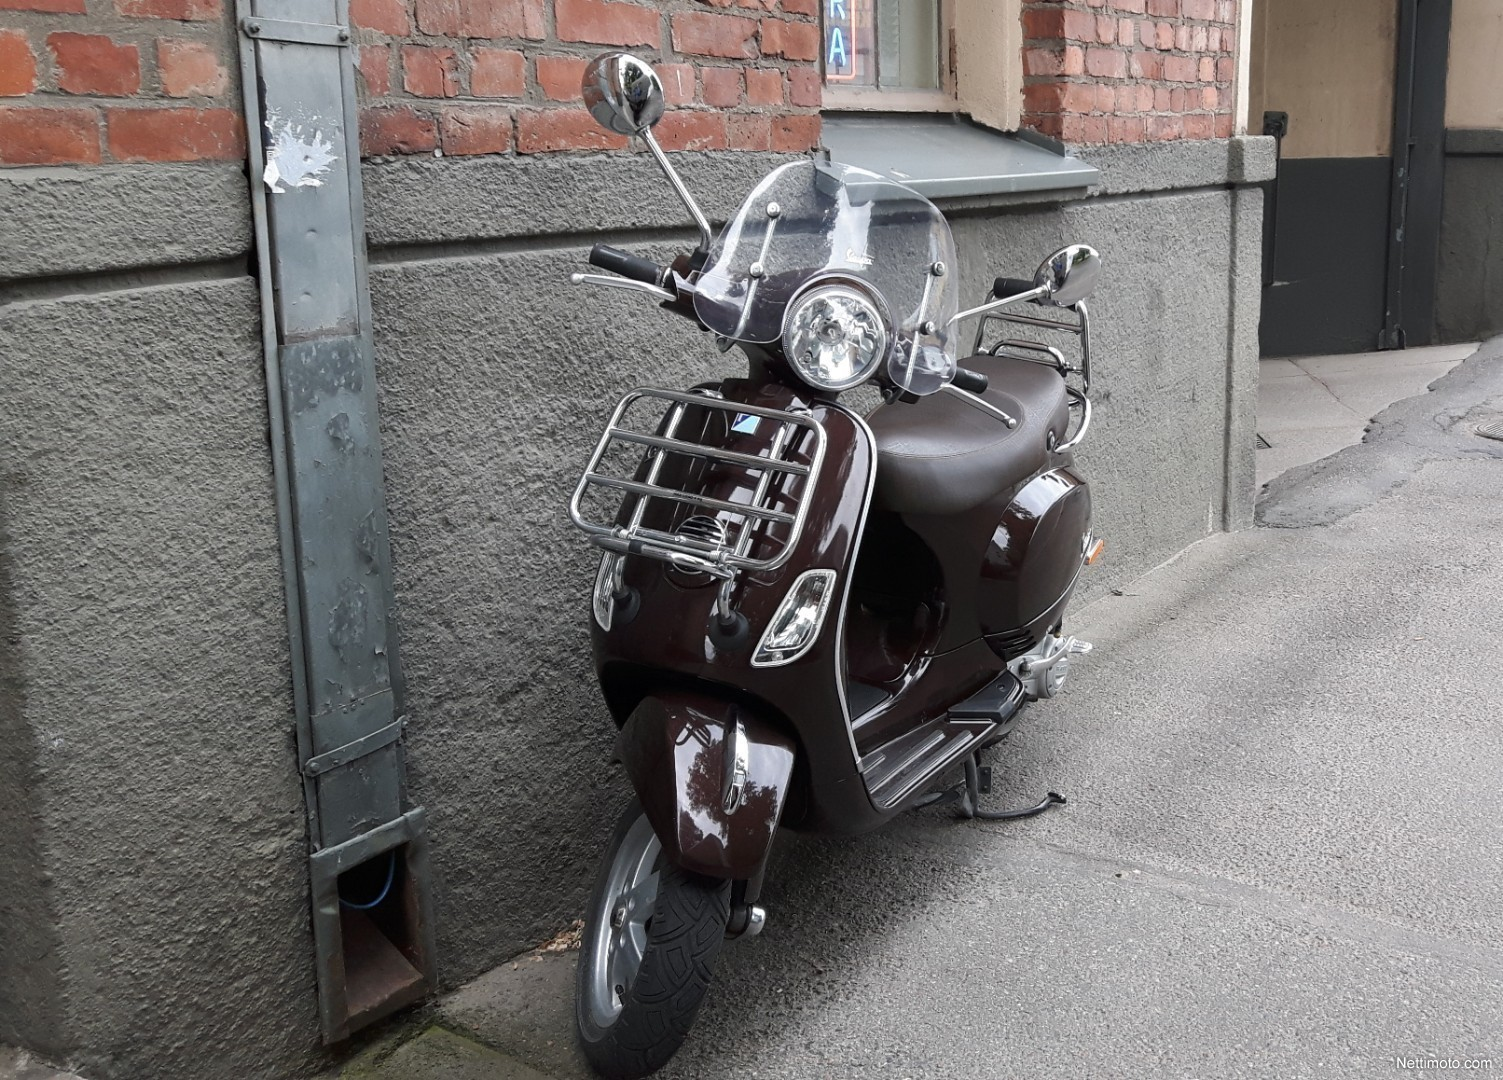 Gebrauchte Vespa LX 50 2T Touring Motorräder kaufen